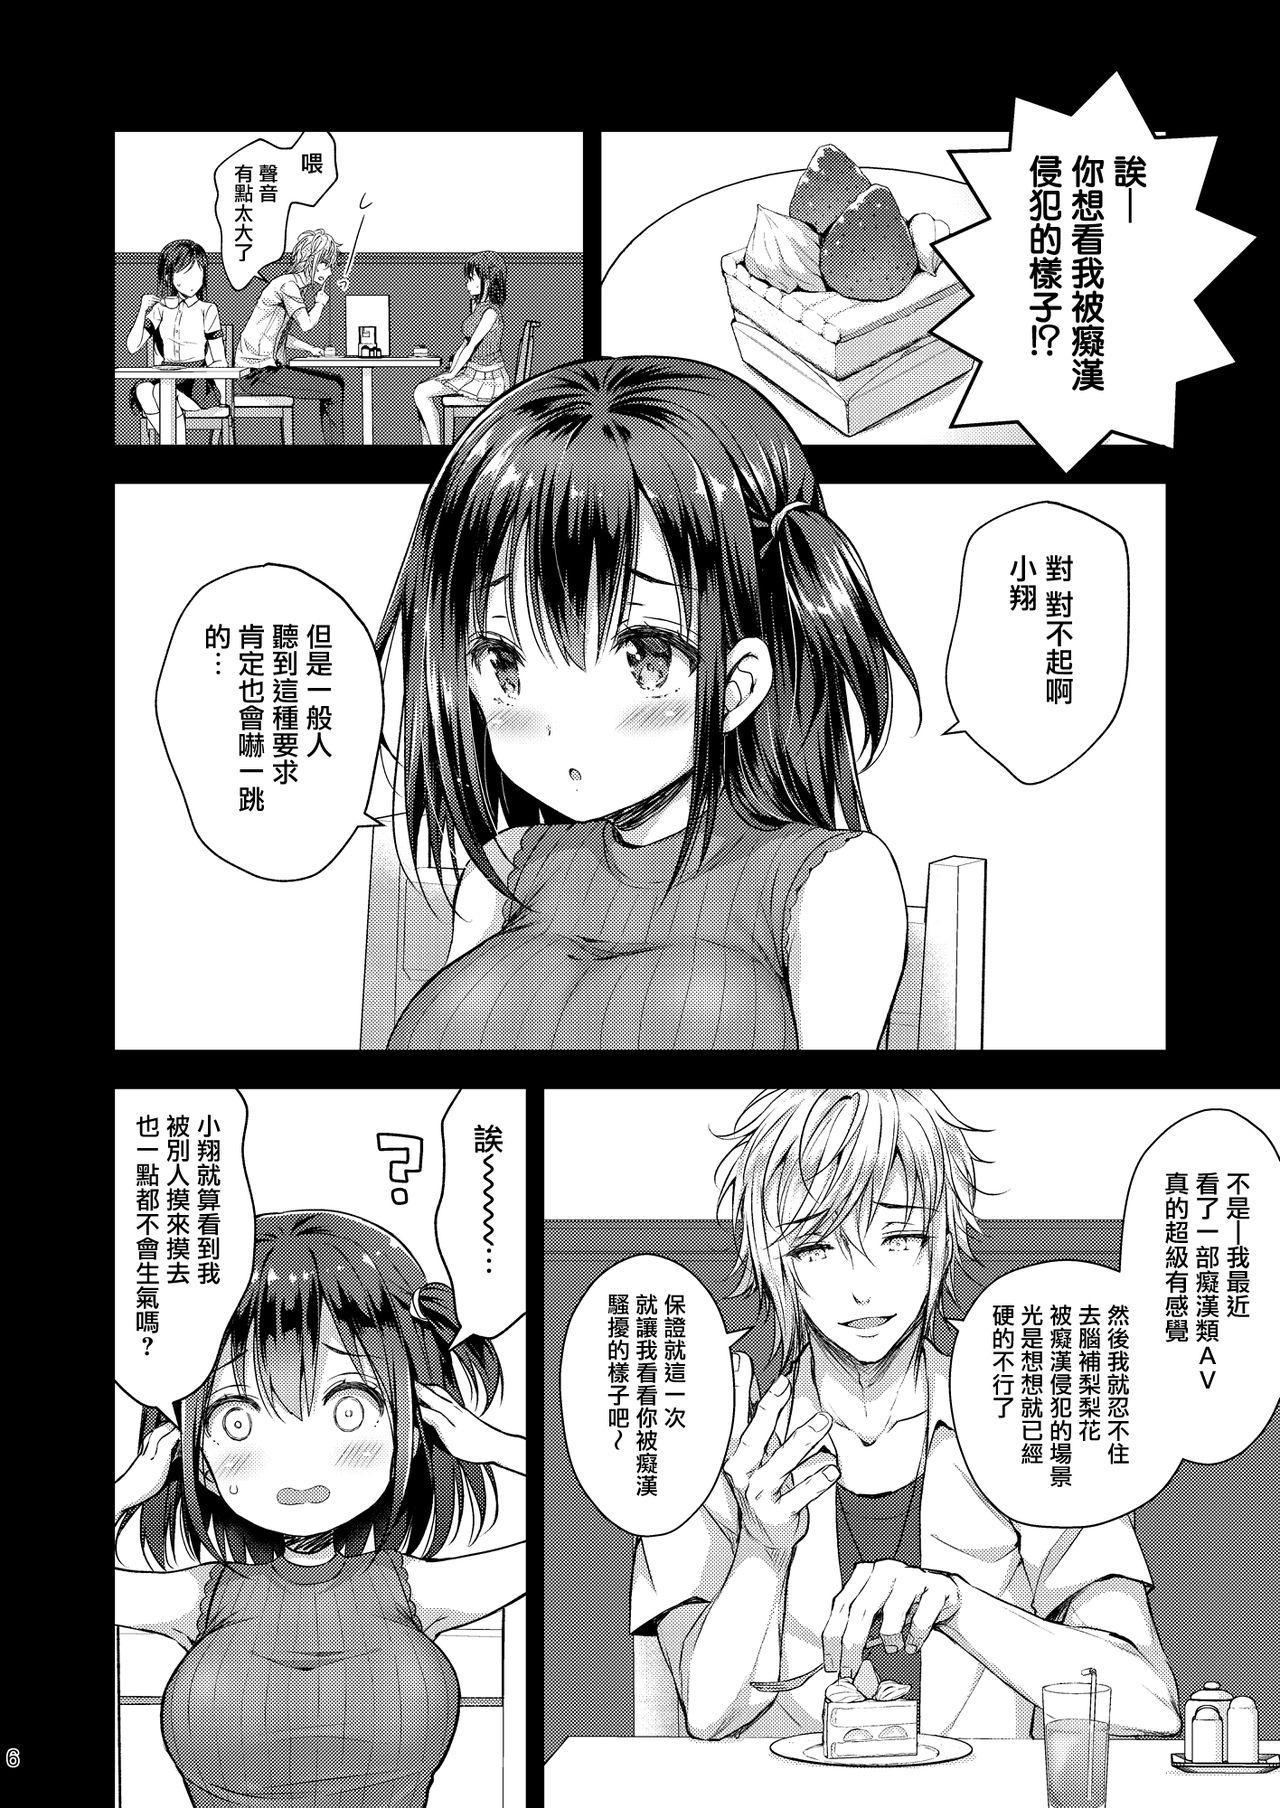 Chijoku no Chikan Densha 4 6